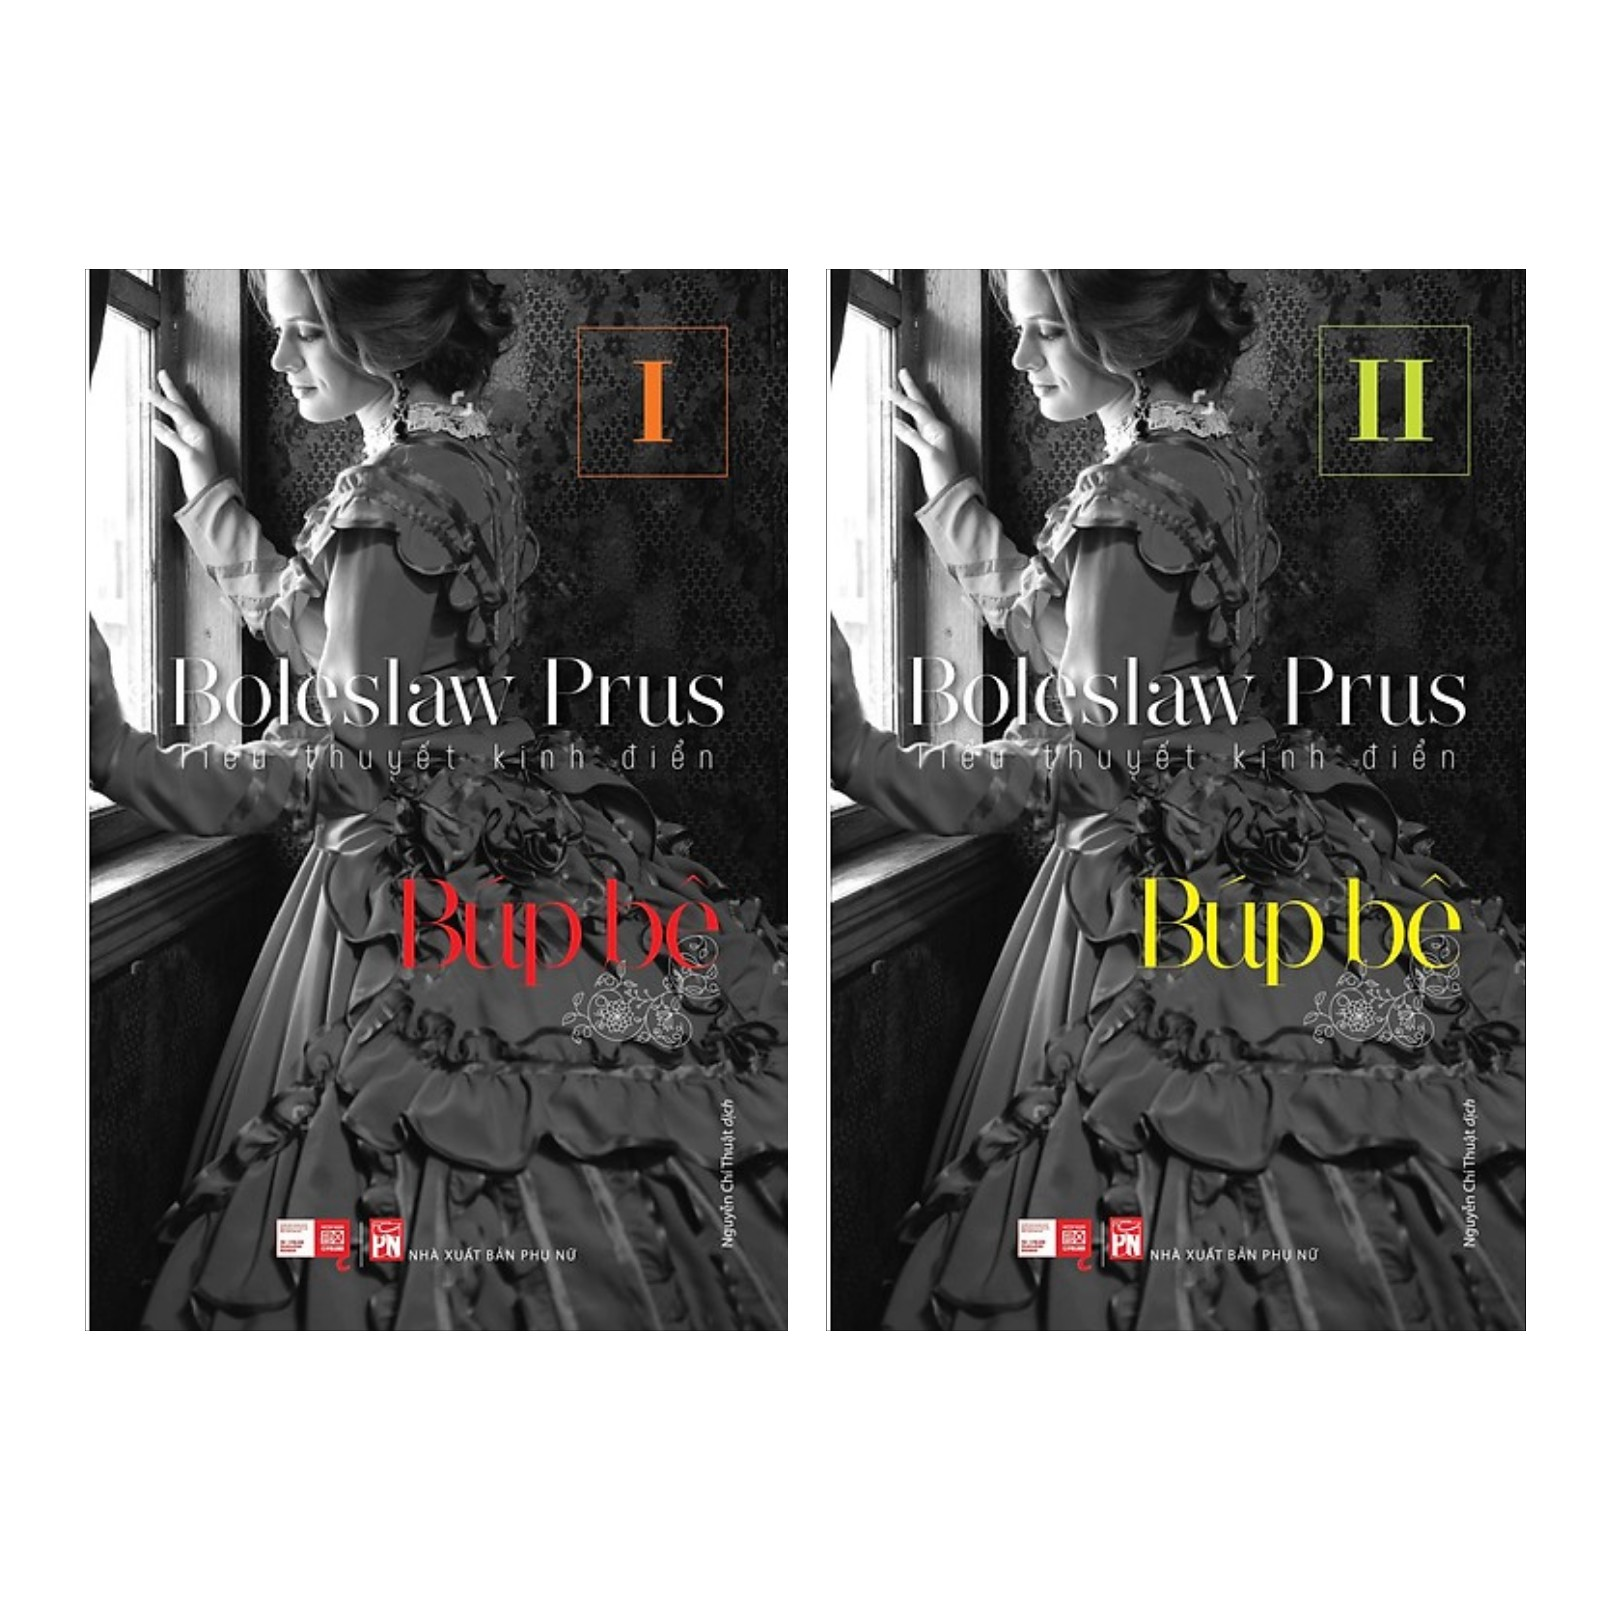 Combo Tiểu Thuyết Kinh Điển - Búp Bê I Và II (Bộ 2 Tập) (Tặng kèm Bookmark thiết kế)